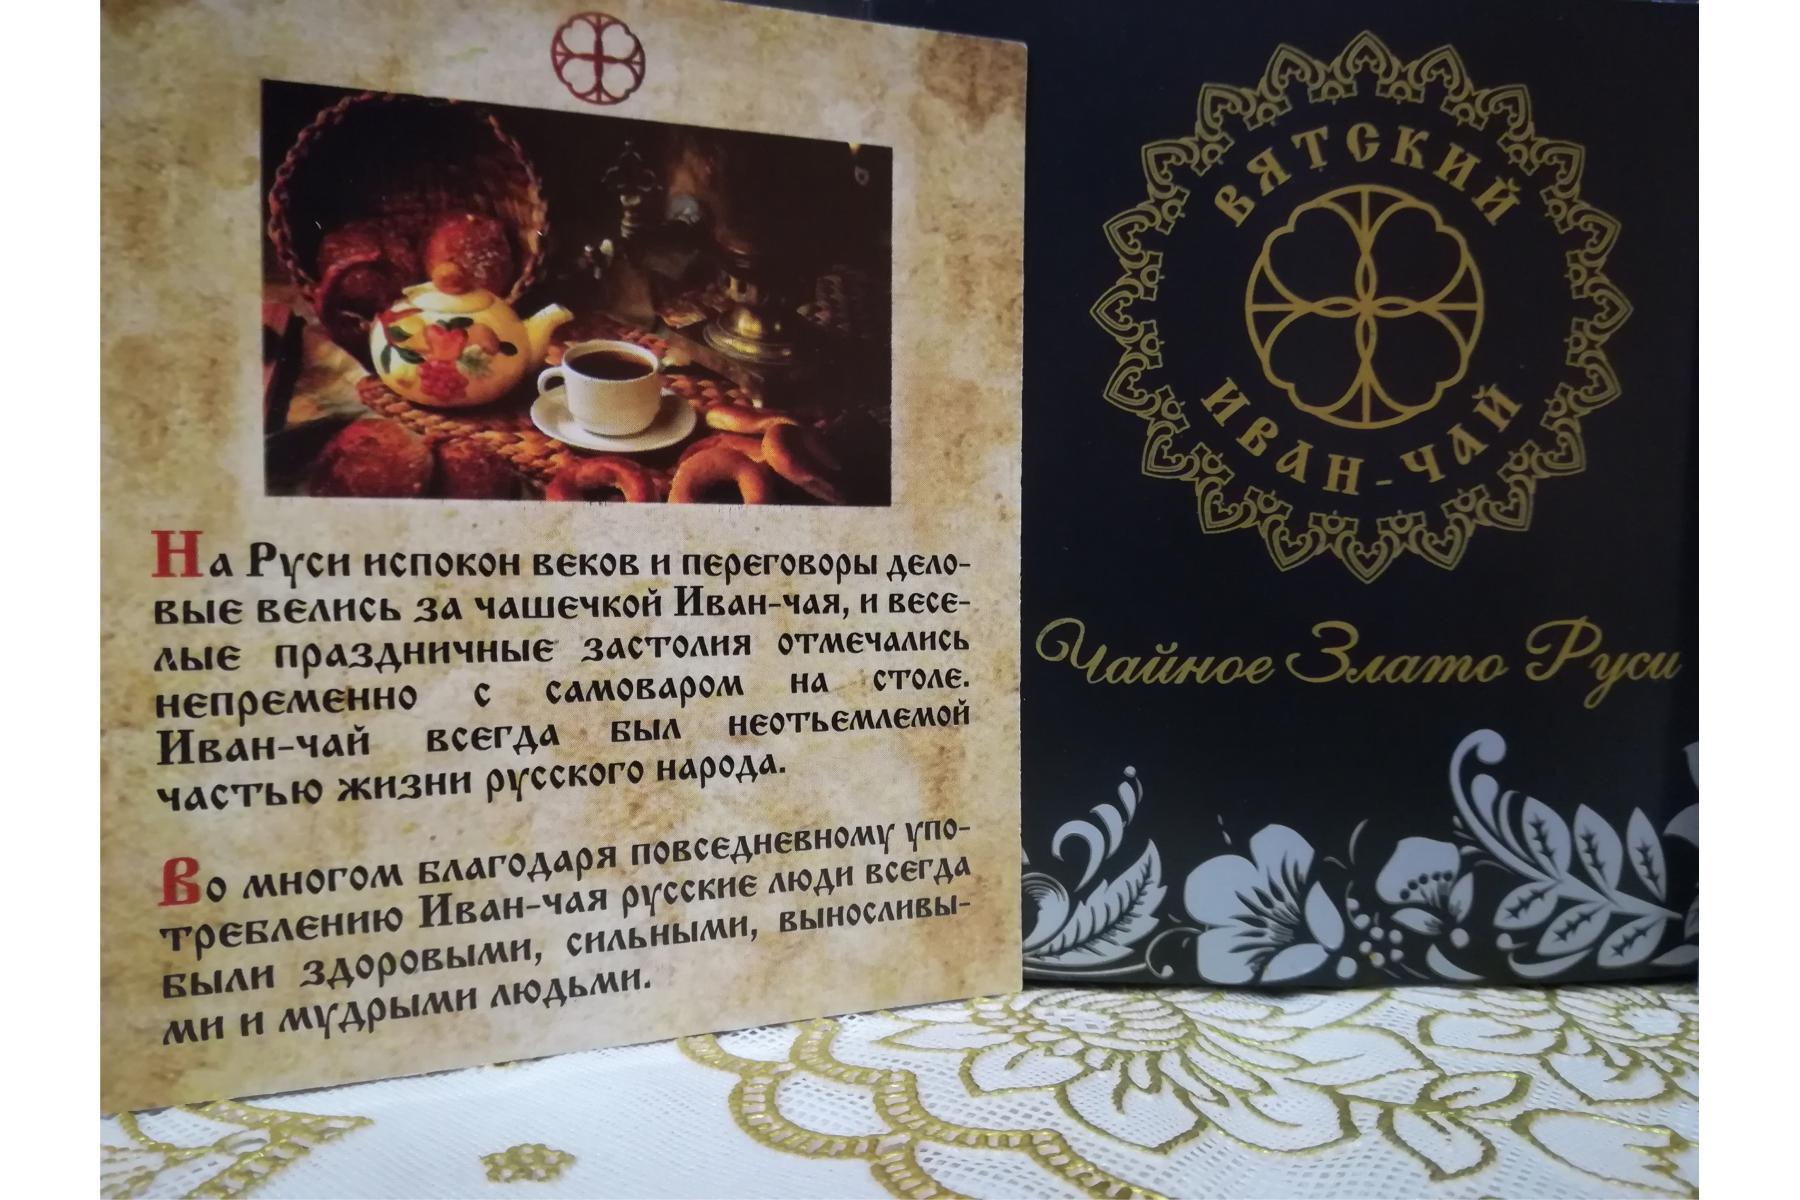 Вятский иван-чай «Чайное Злато Руси» (КУБ),  500 гр.